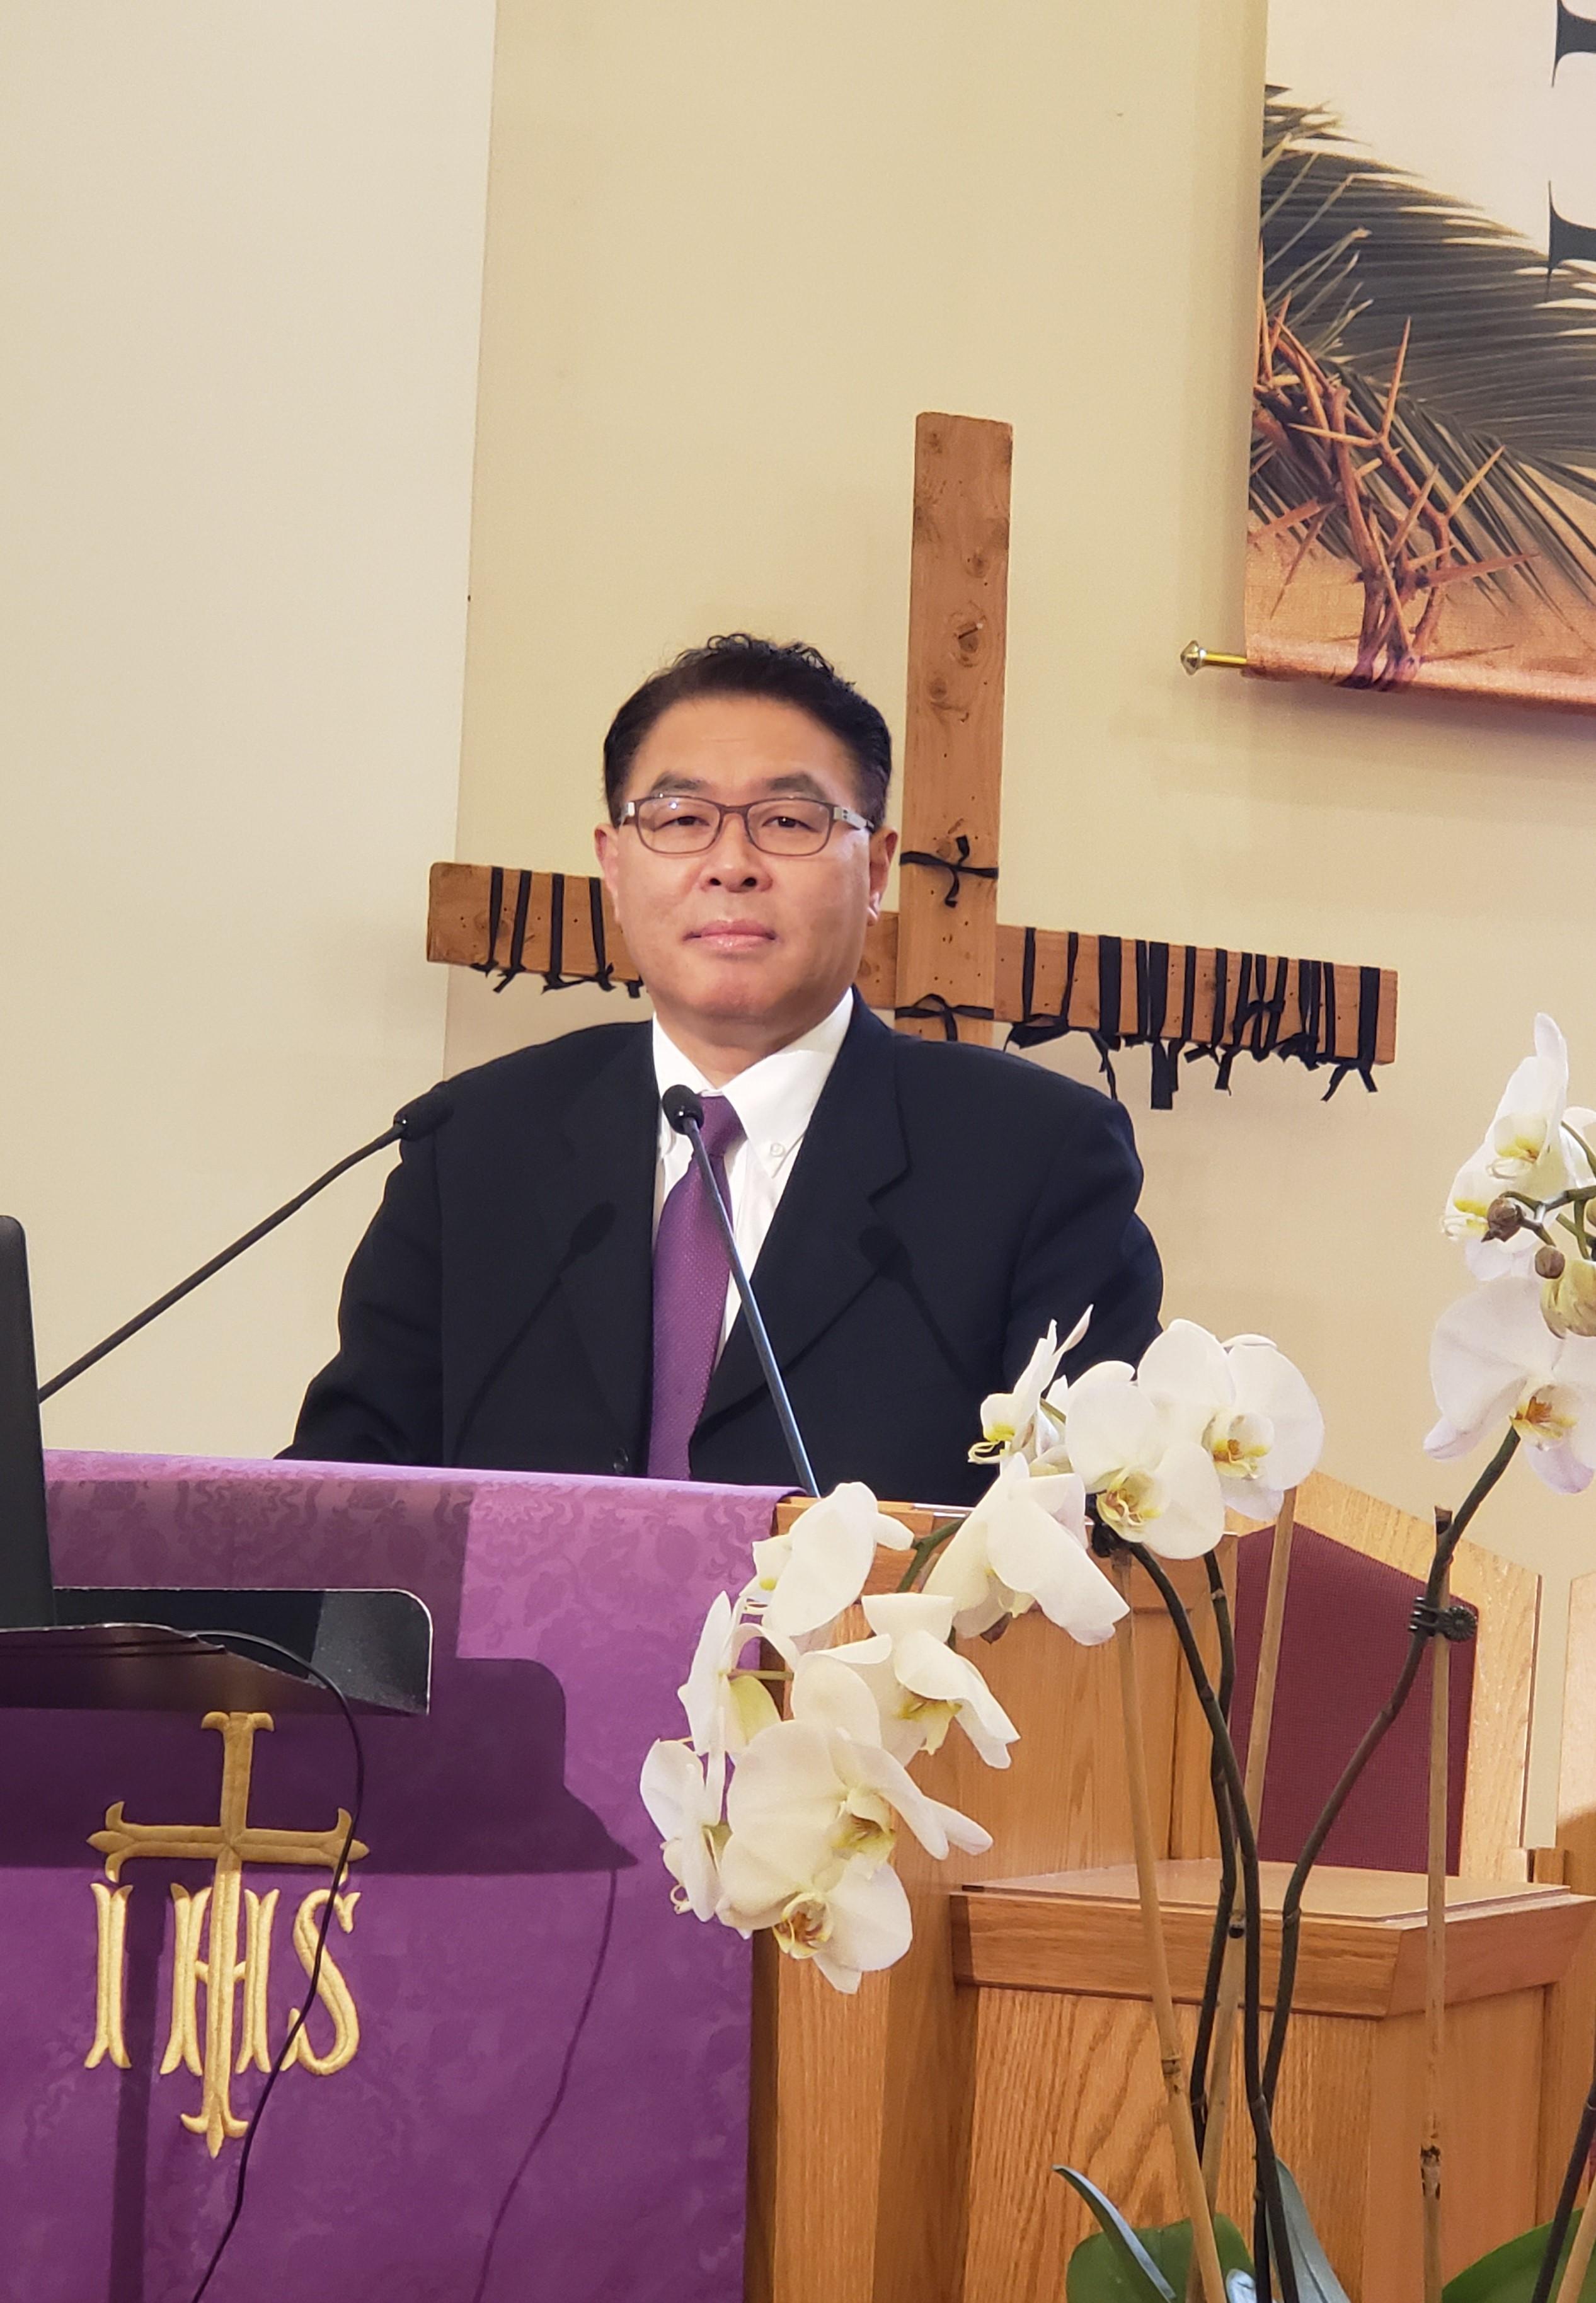 미드허드슨 한인연합감리교회 이용연 목사님